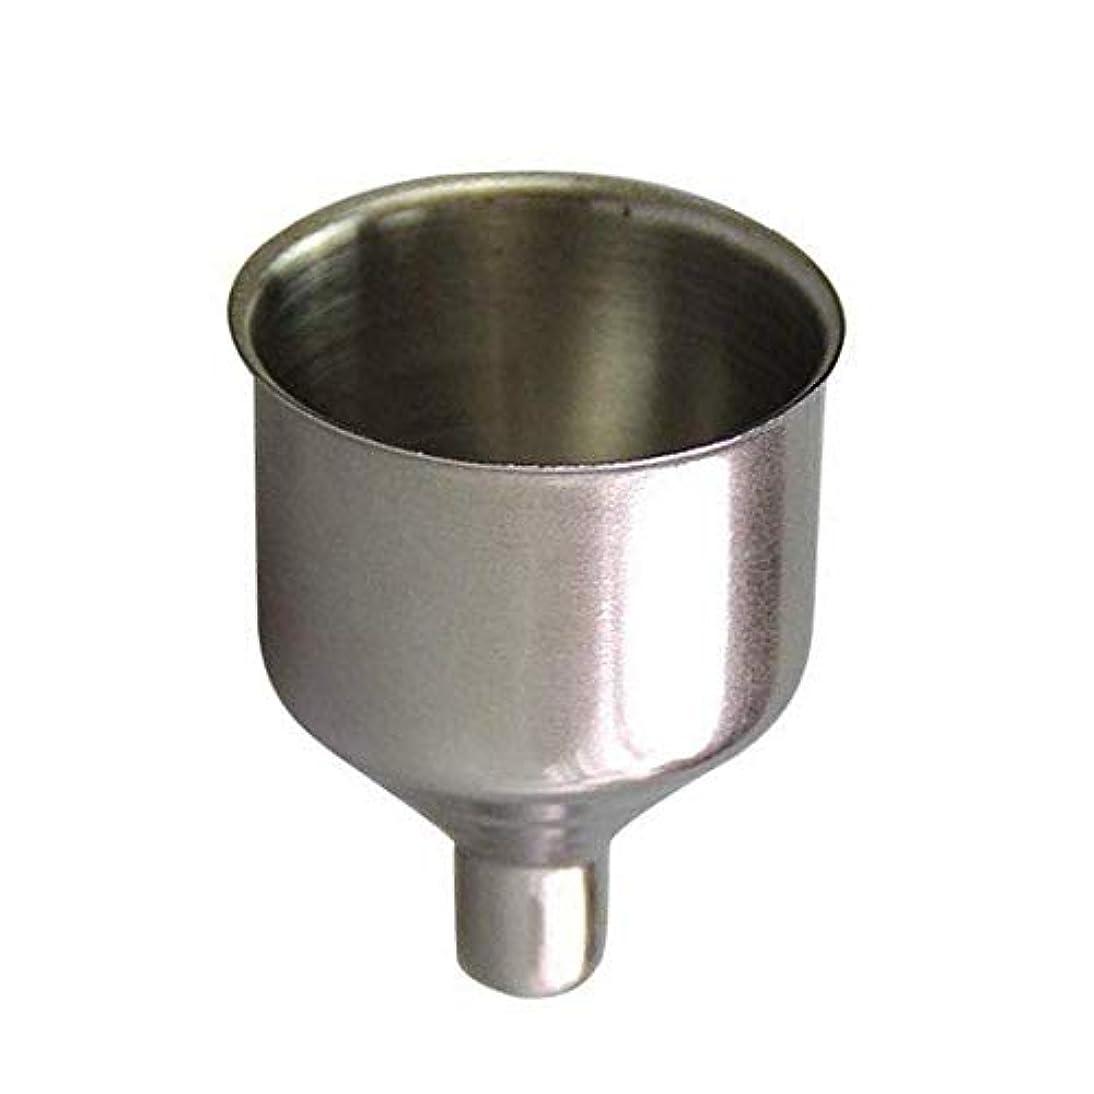 ベッド土器ぼかす漏斗のこし器 じょうごおよび種を取除くため 液体 香水 精油 ステンレス鋼の漏斗